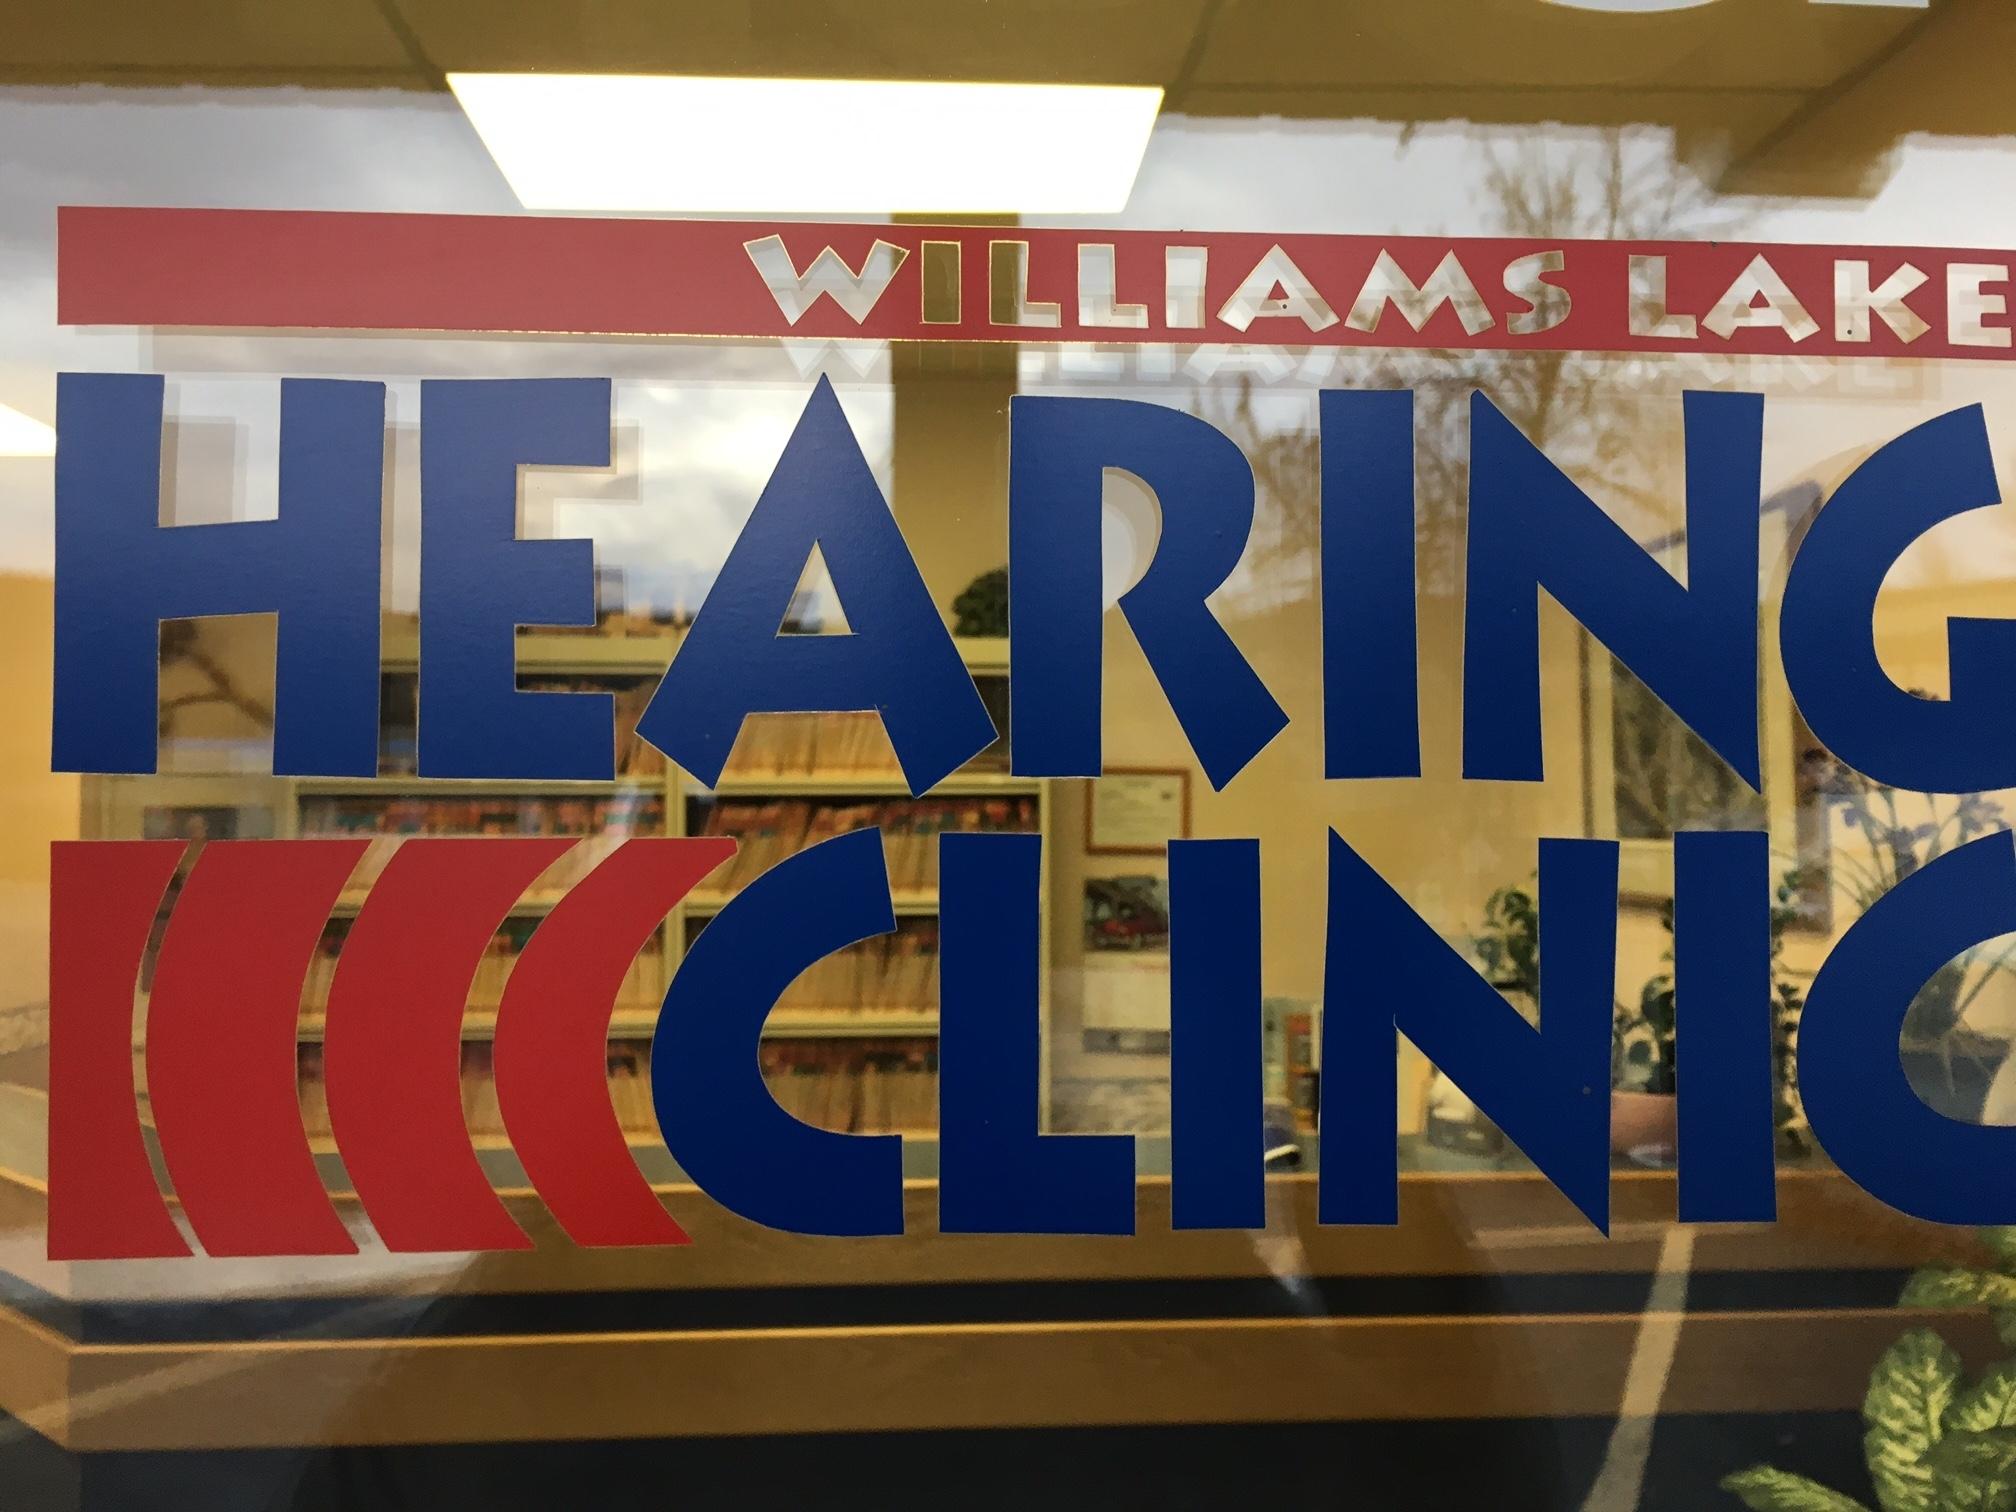 Williams Lake Hearing Clinic in Williams Lake